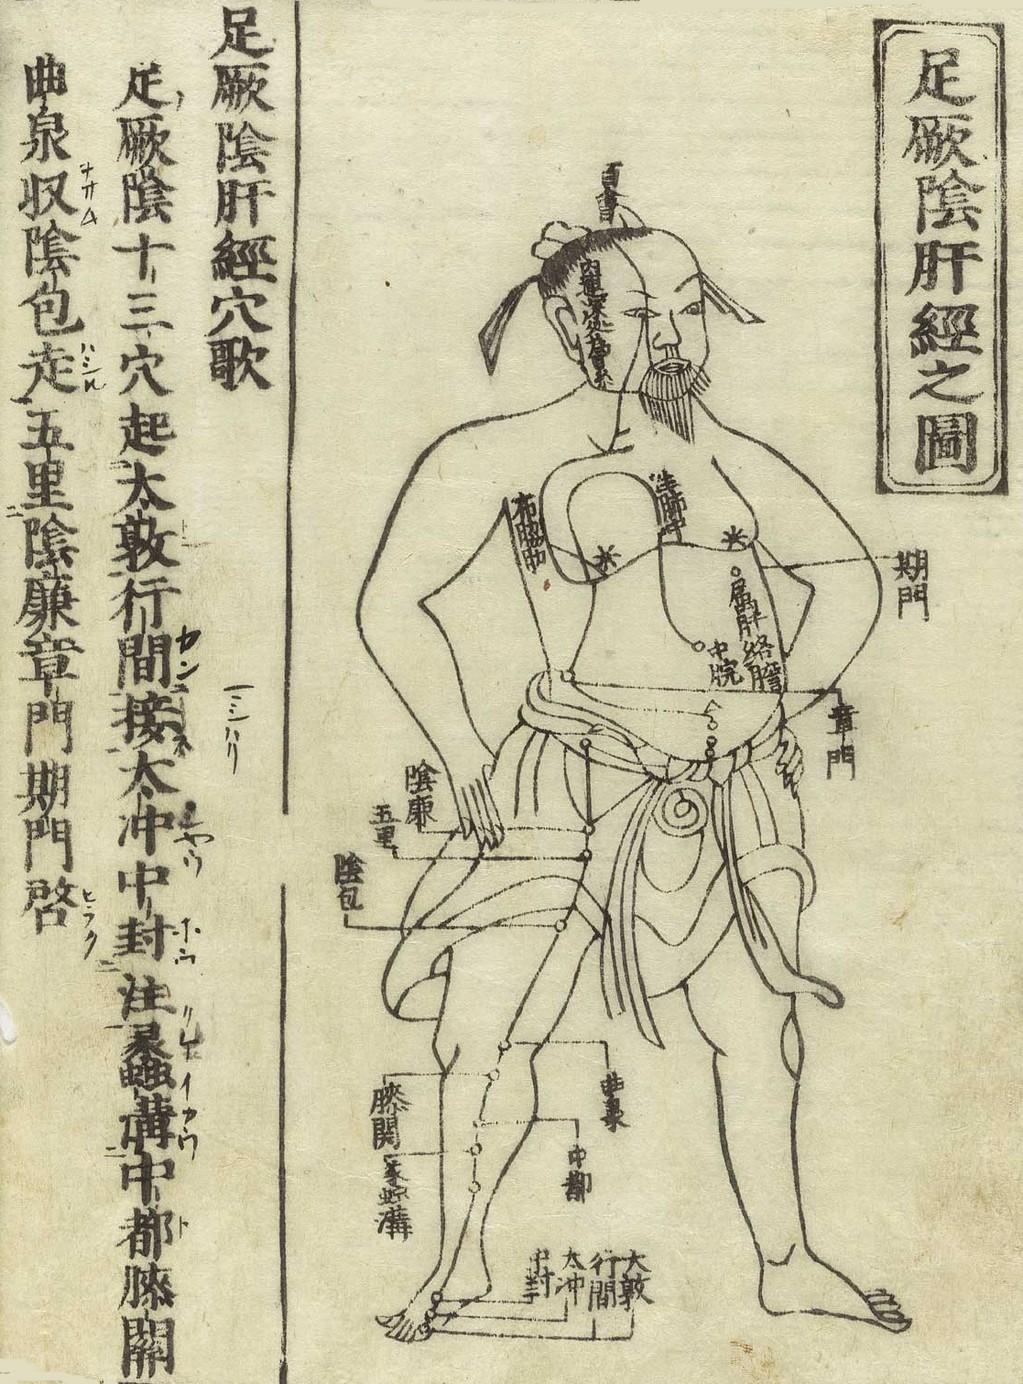 Gravure sur bois de Jushikei hakki 1716 de Hua Shou montrant le méridien du foie d'un personnage masculin debout, de face, portant un pagne avec le méridien représenté sur la poitrine et à la jambe avec des caractères chinois donnant les noms des points